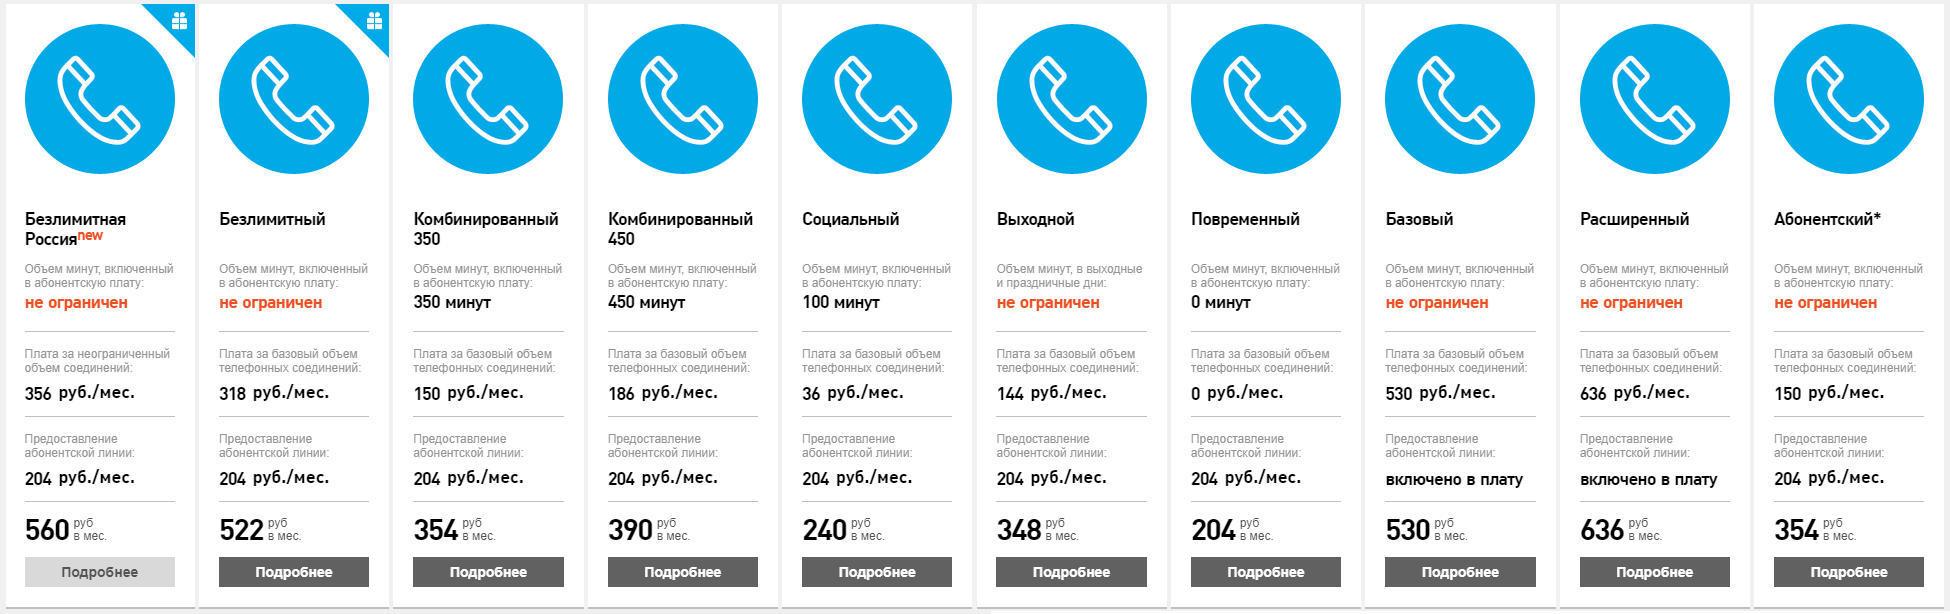 Сравнительная таблица тарифов для абонентов Москвы и Московской области